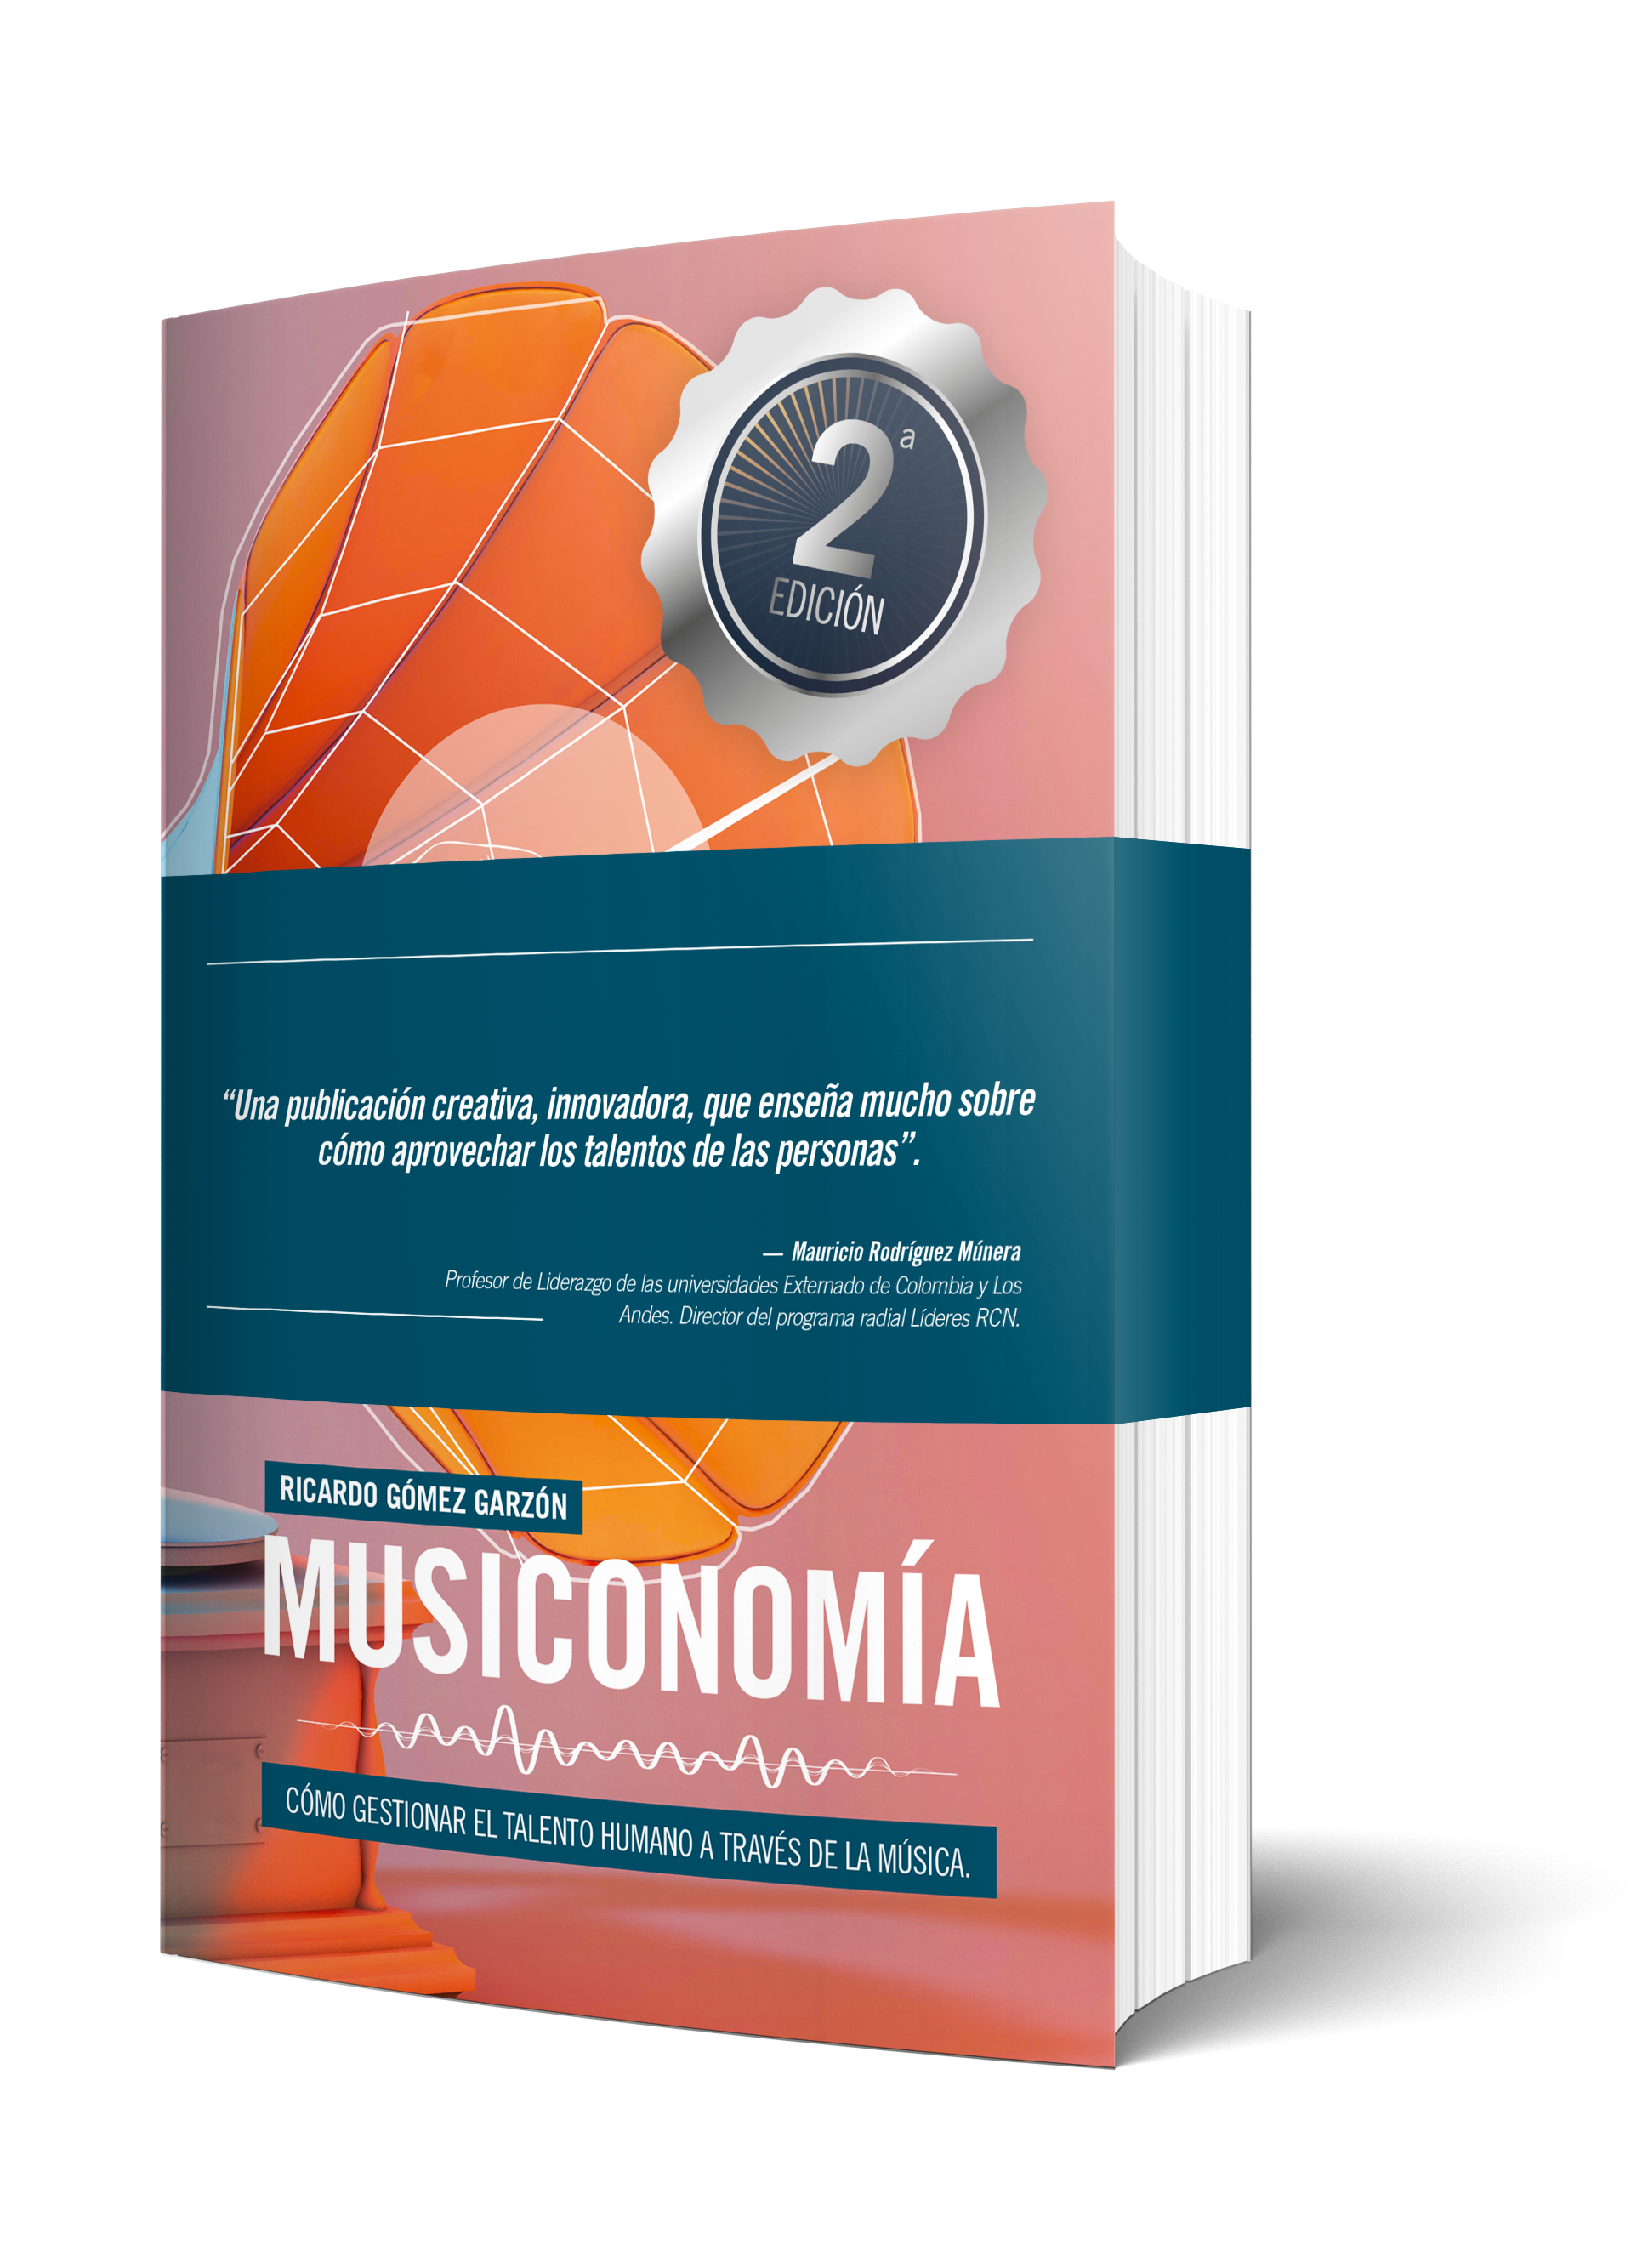 Musiconomia_home1.png